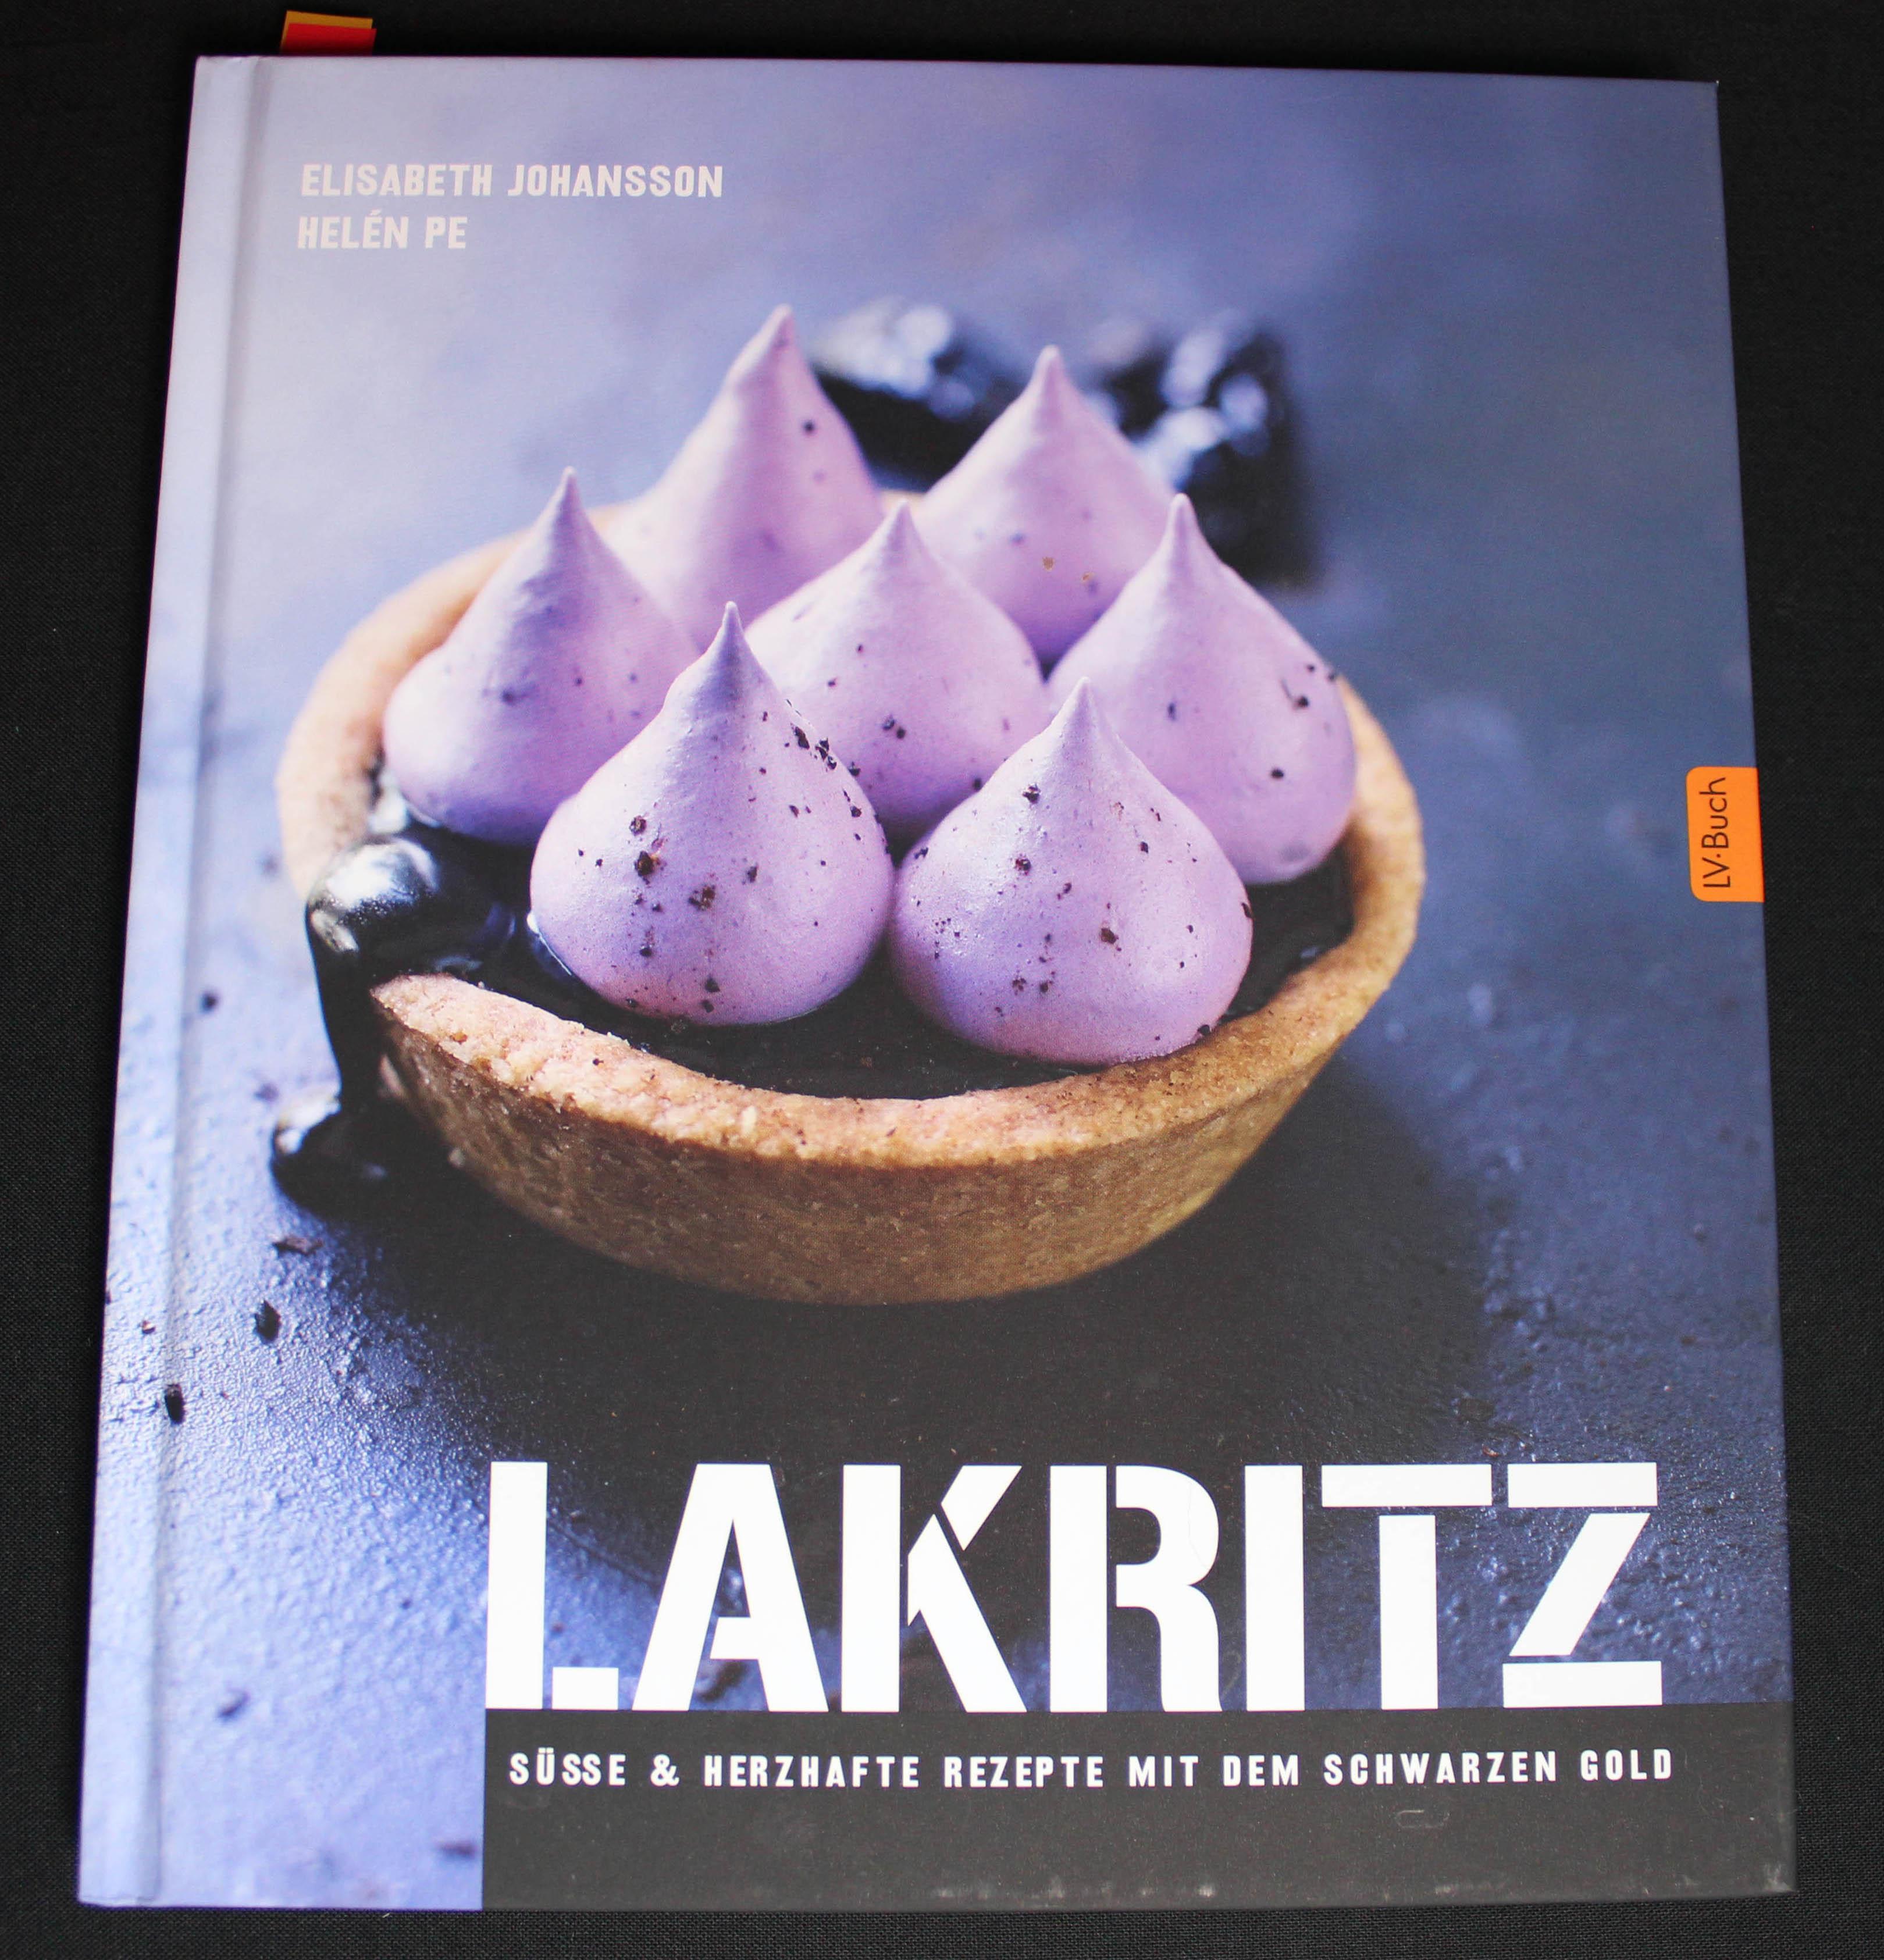 LAKRITZ - E. Johansson- LV Verlag